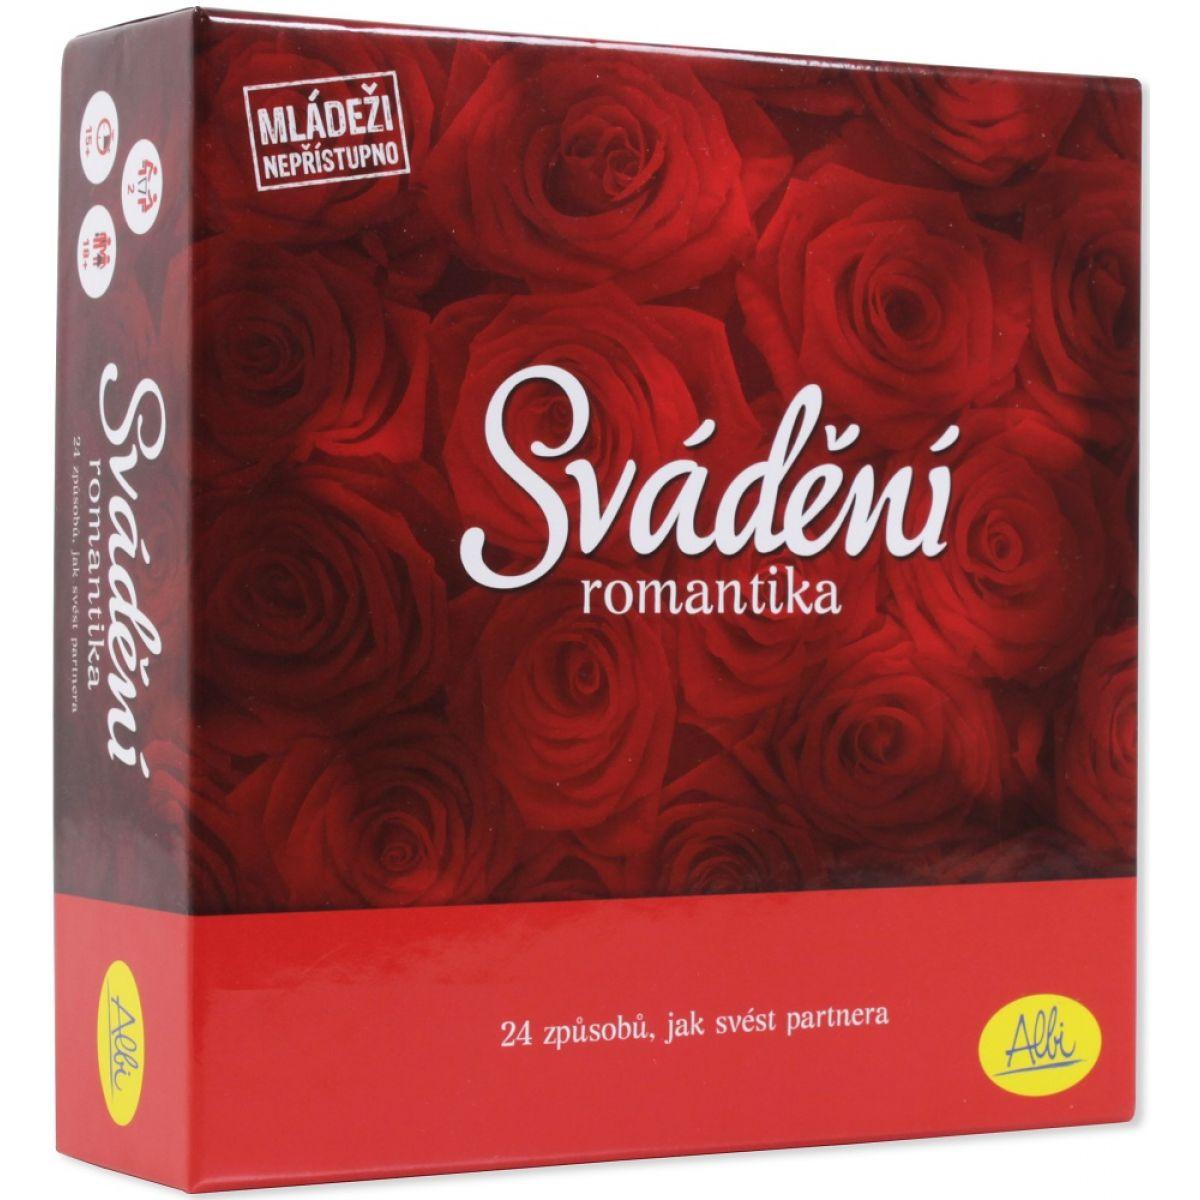 Albi Zvádzanie romantika 24 typov